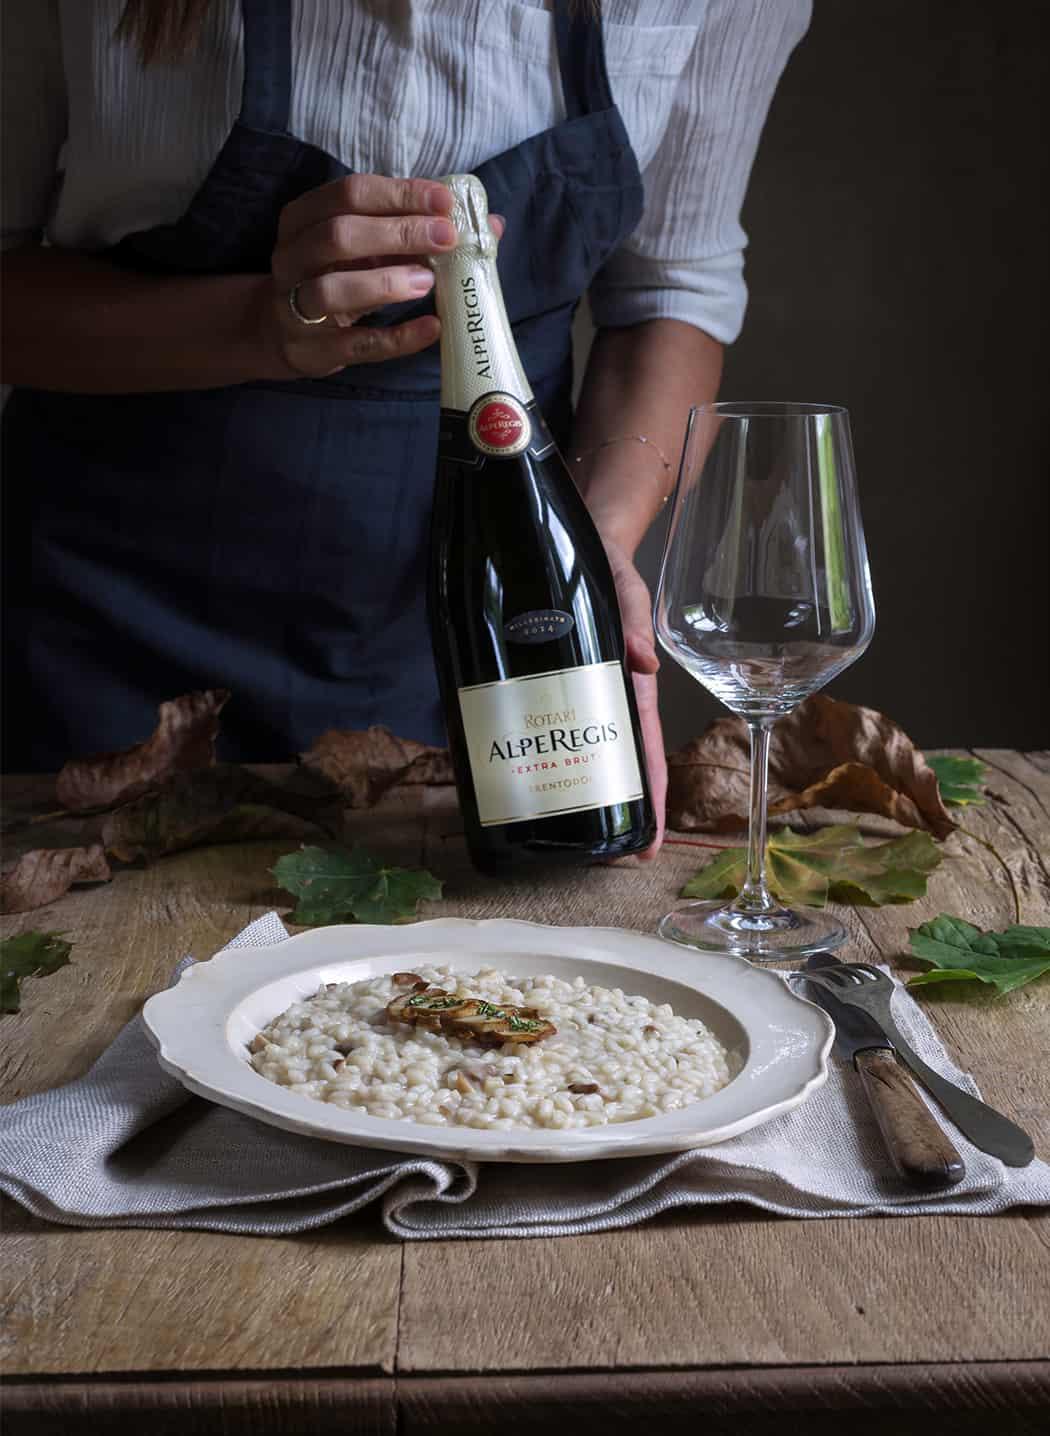 risotto con funghi e Rotari spumante Alperegis